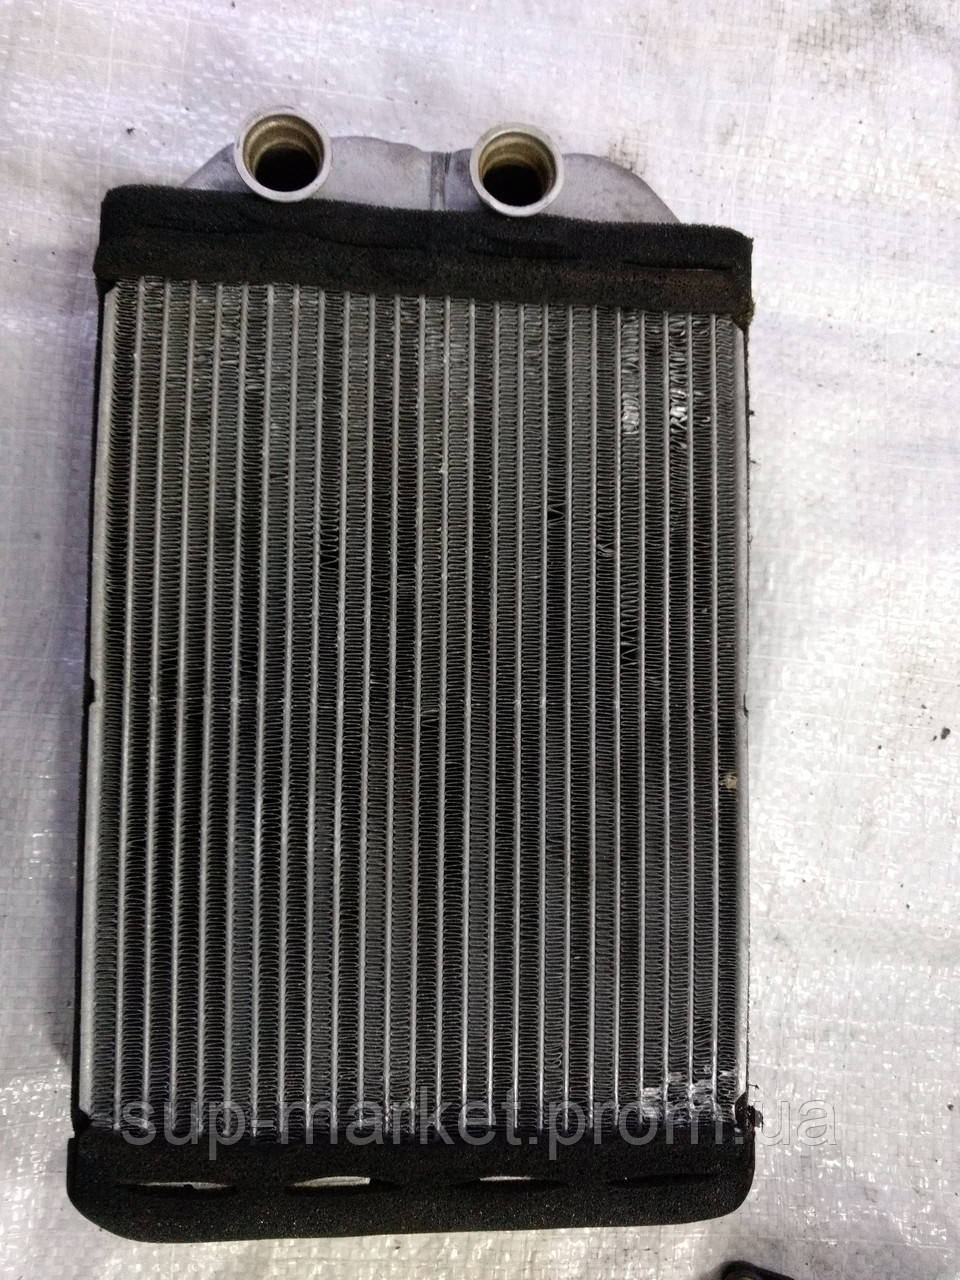 Радиатор печки на Audi A6 C5 1997-2005